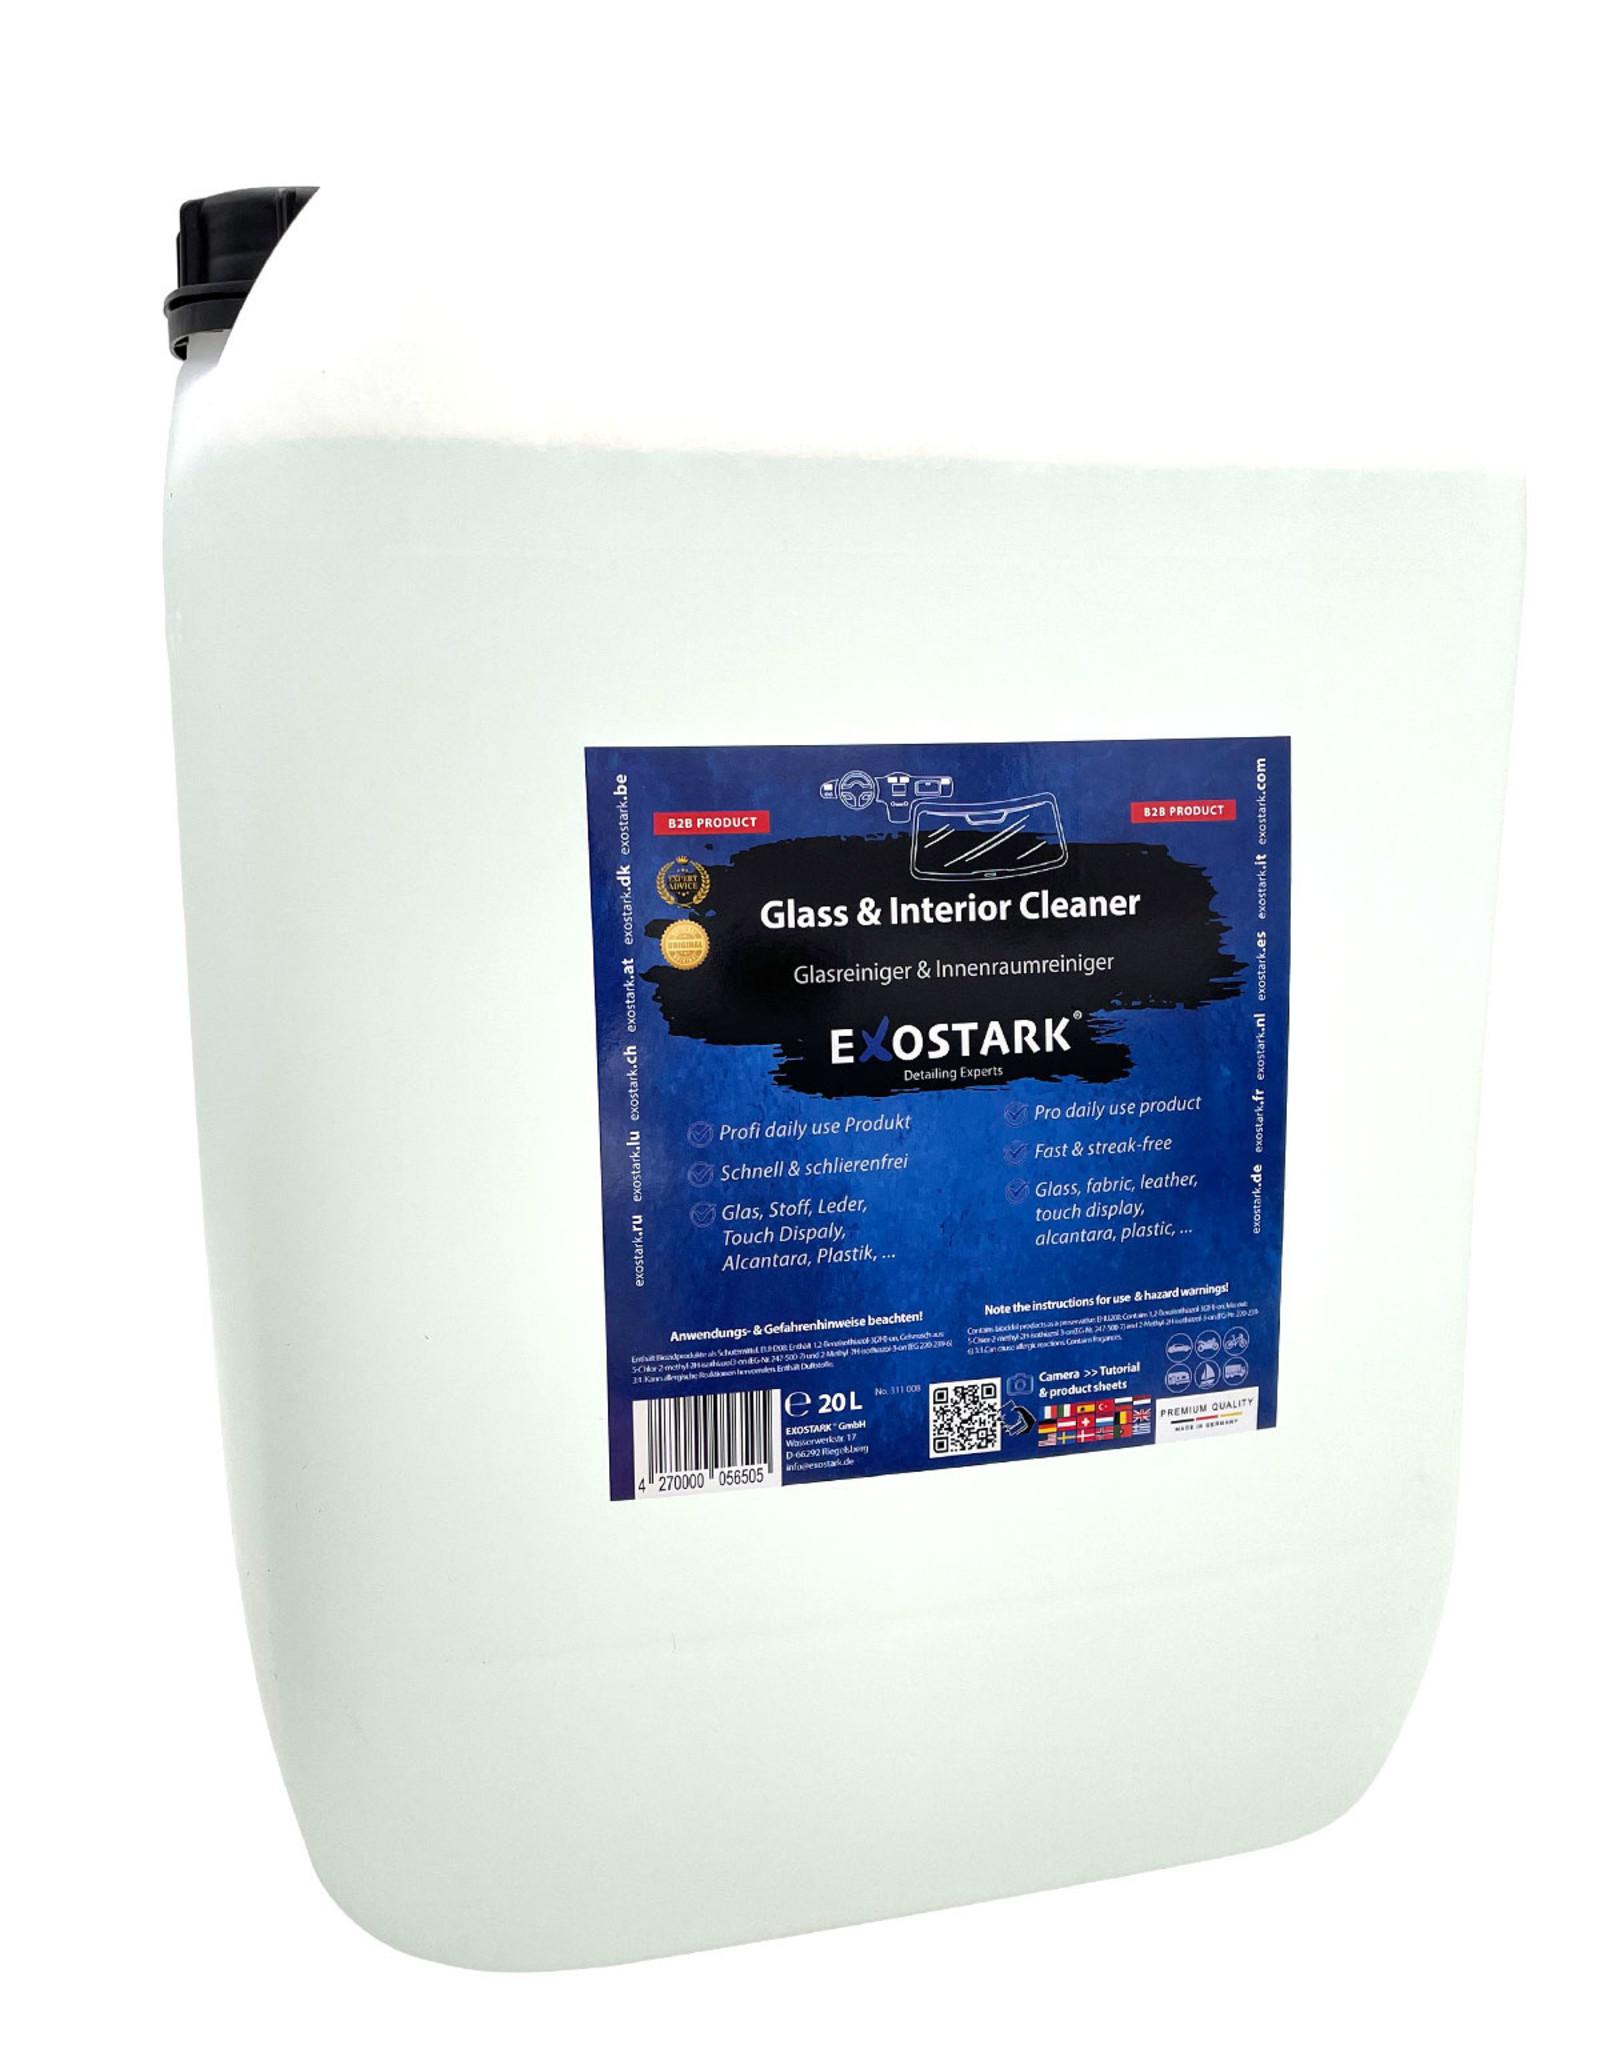 Exostark B2B - Glas- & Innenraumreiniger - 20L Kanister